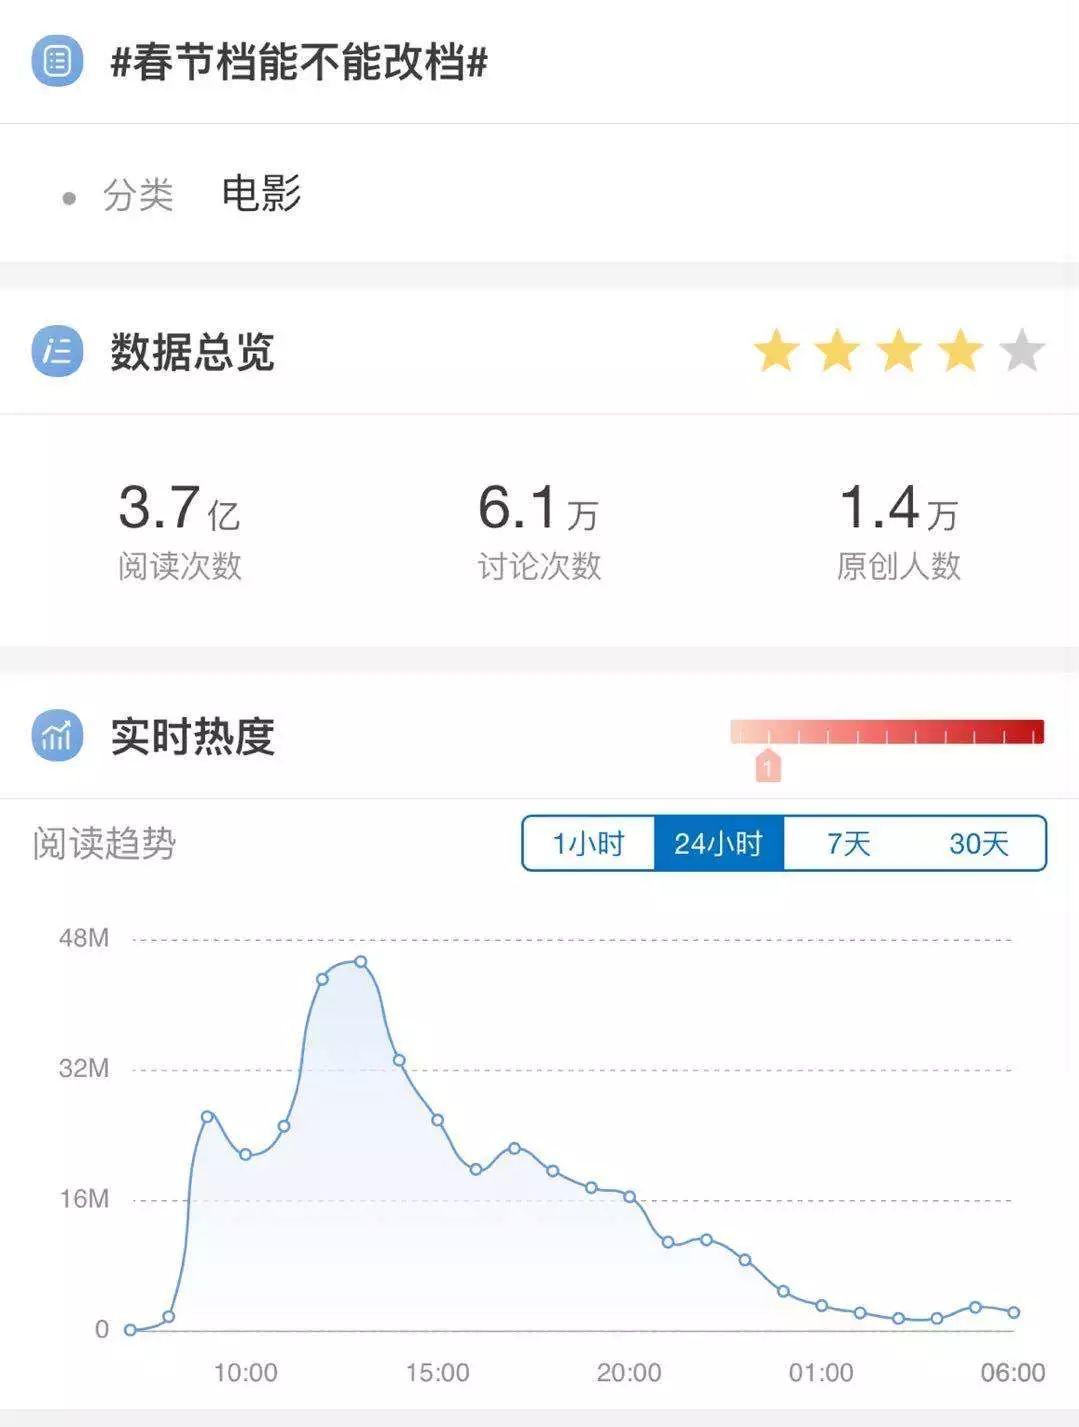 春节档电影已全撤 - 共抗疫情积极配合应急响应措施